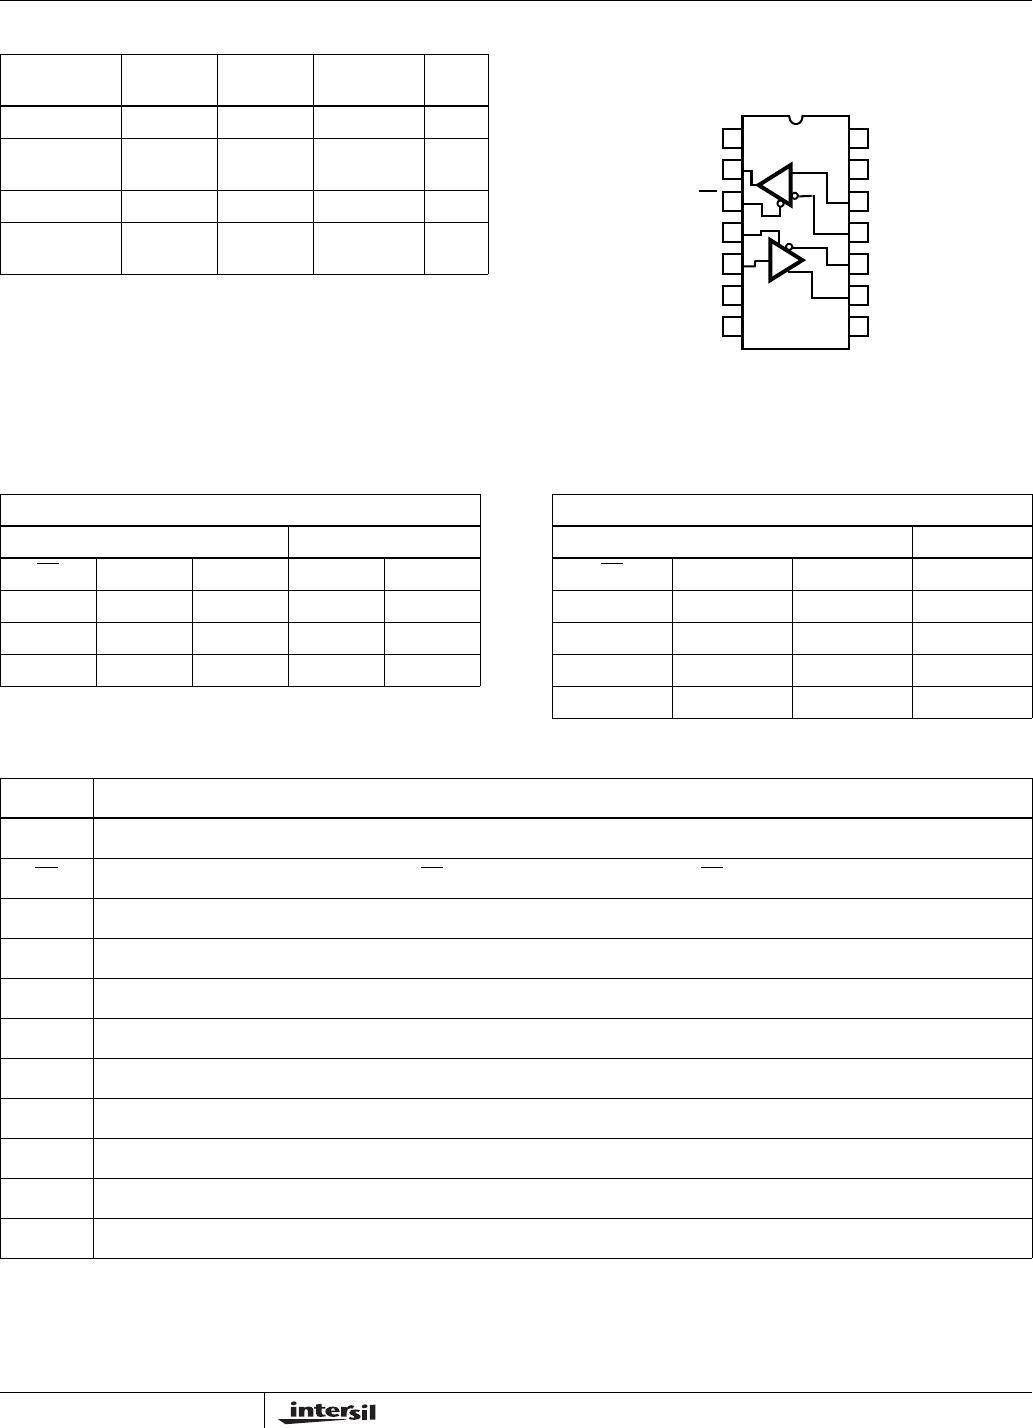 isl4489eibz pdf下载及第2页内容在线浏览